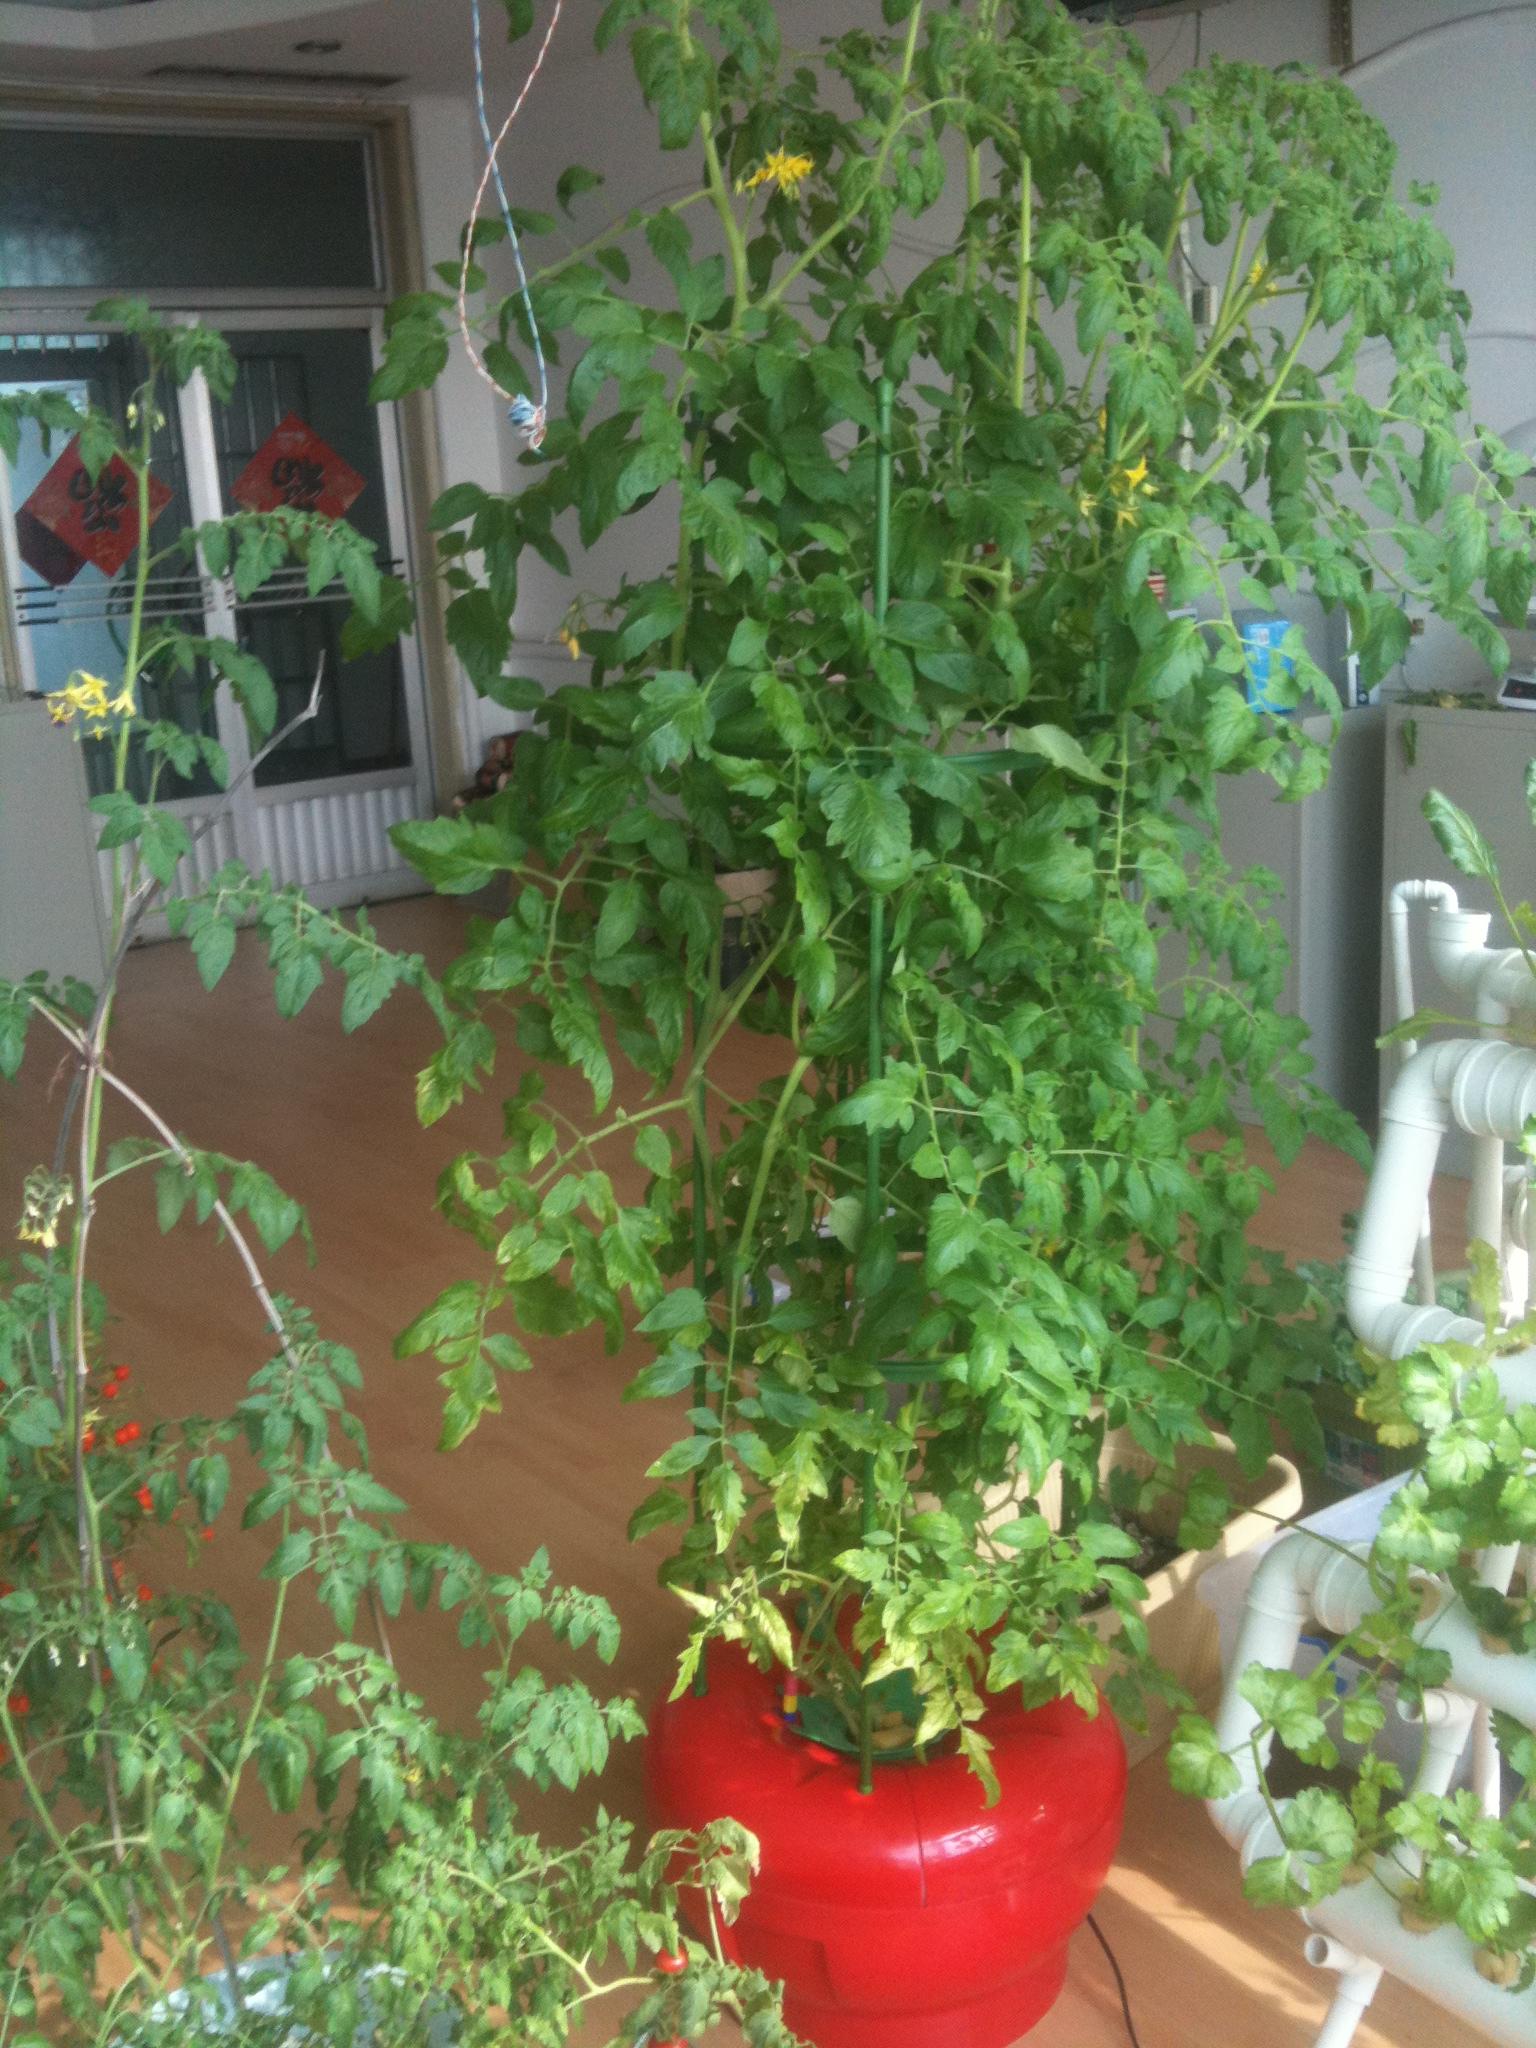 家庭自种自食的水培蔬菜